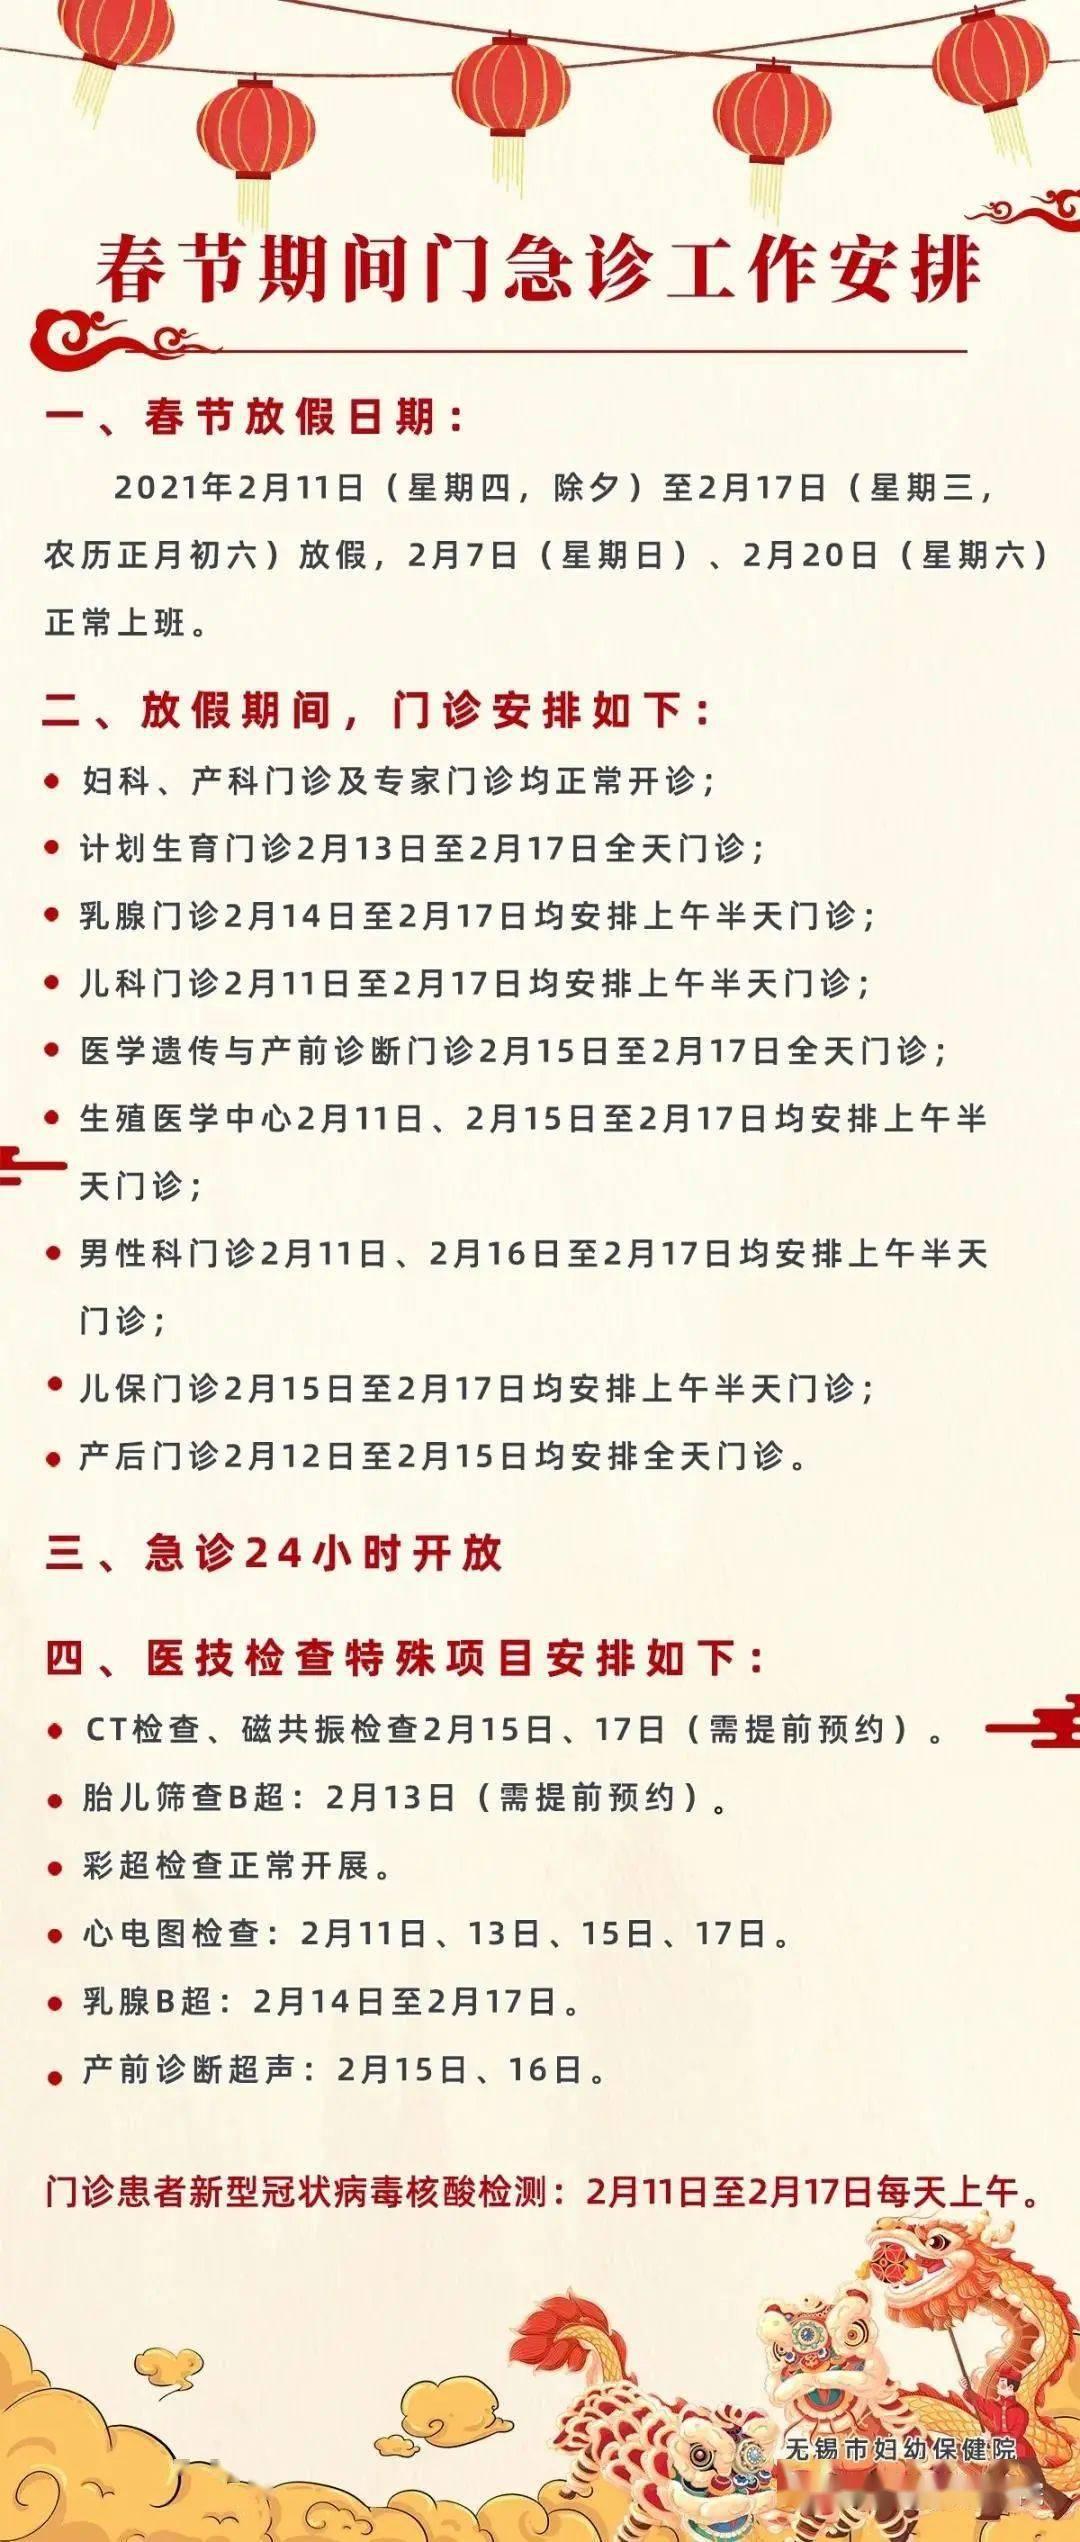 春节调整公告